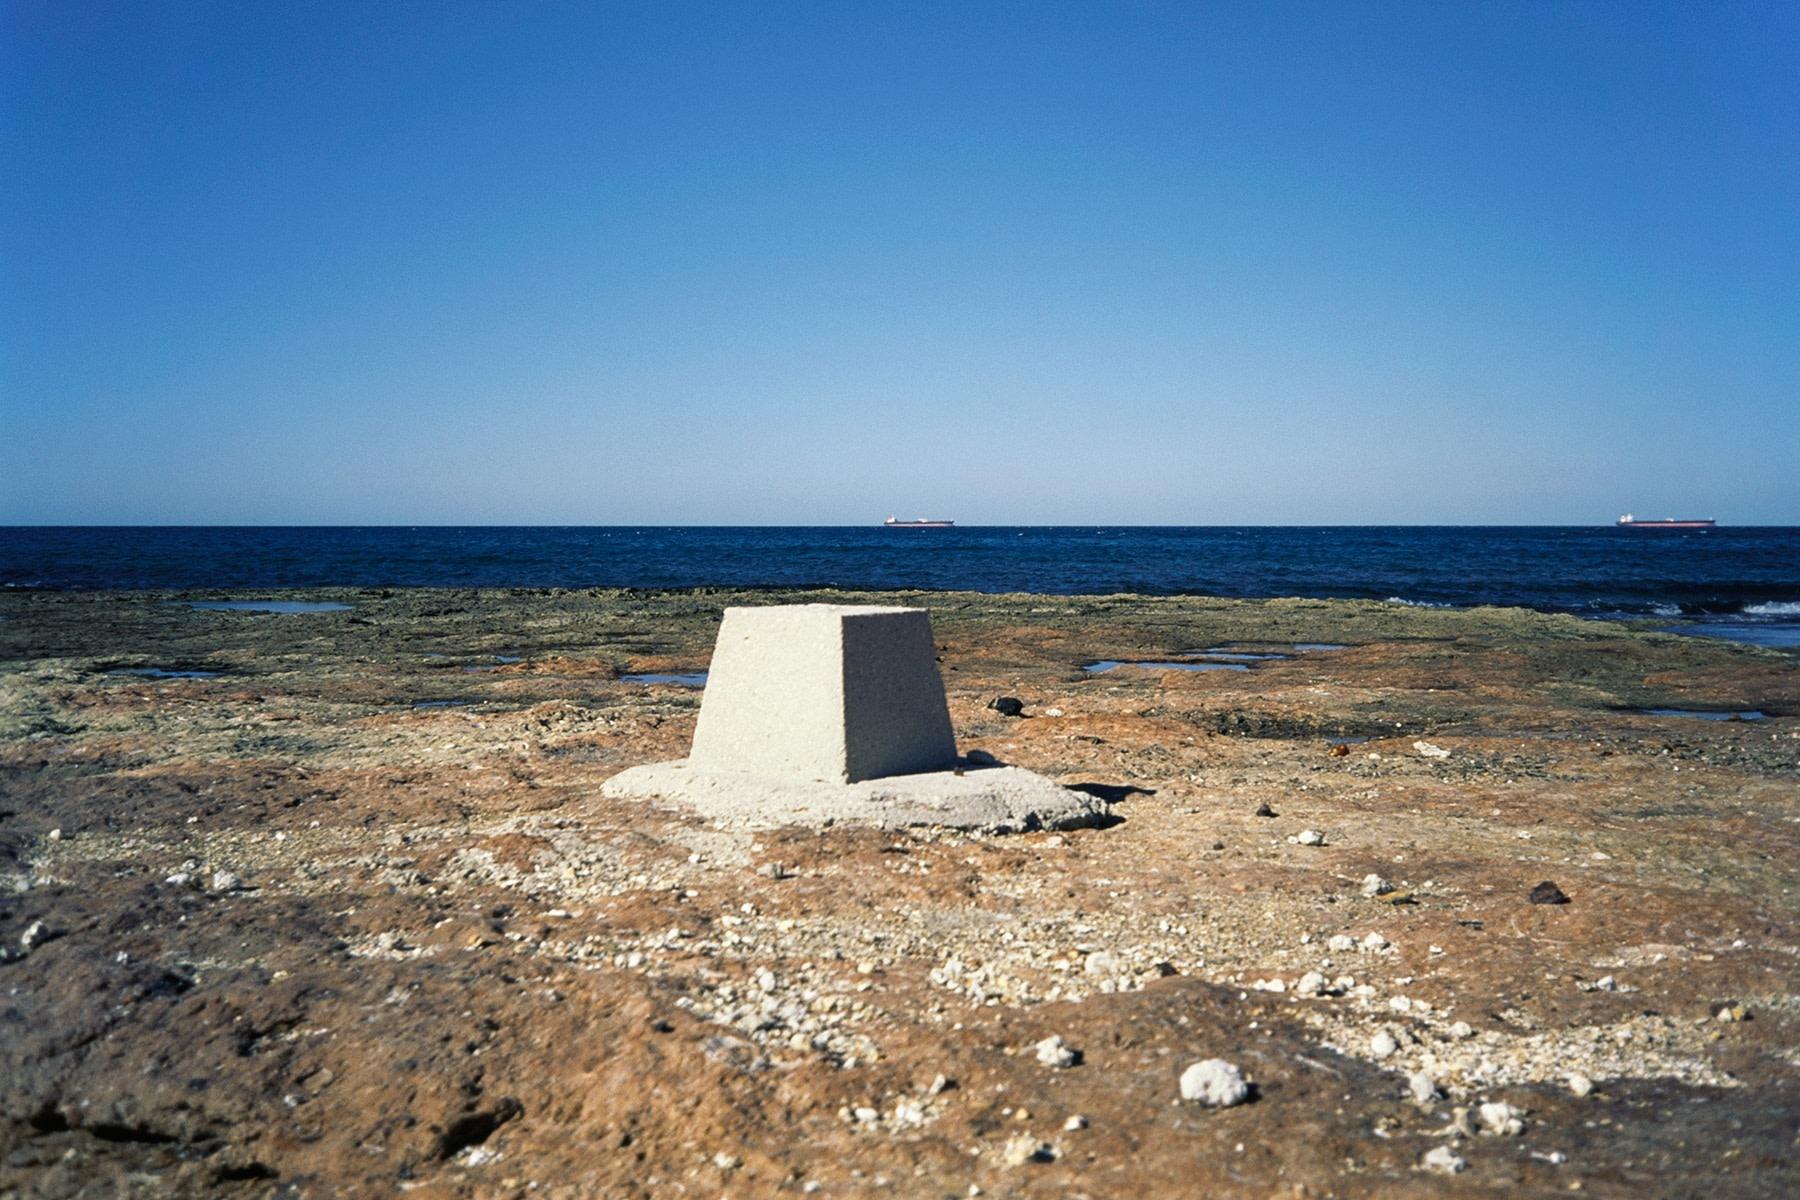 Katia Kameli, Concrete, 2012